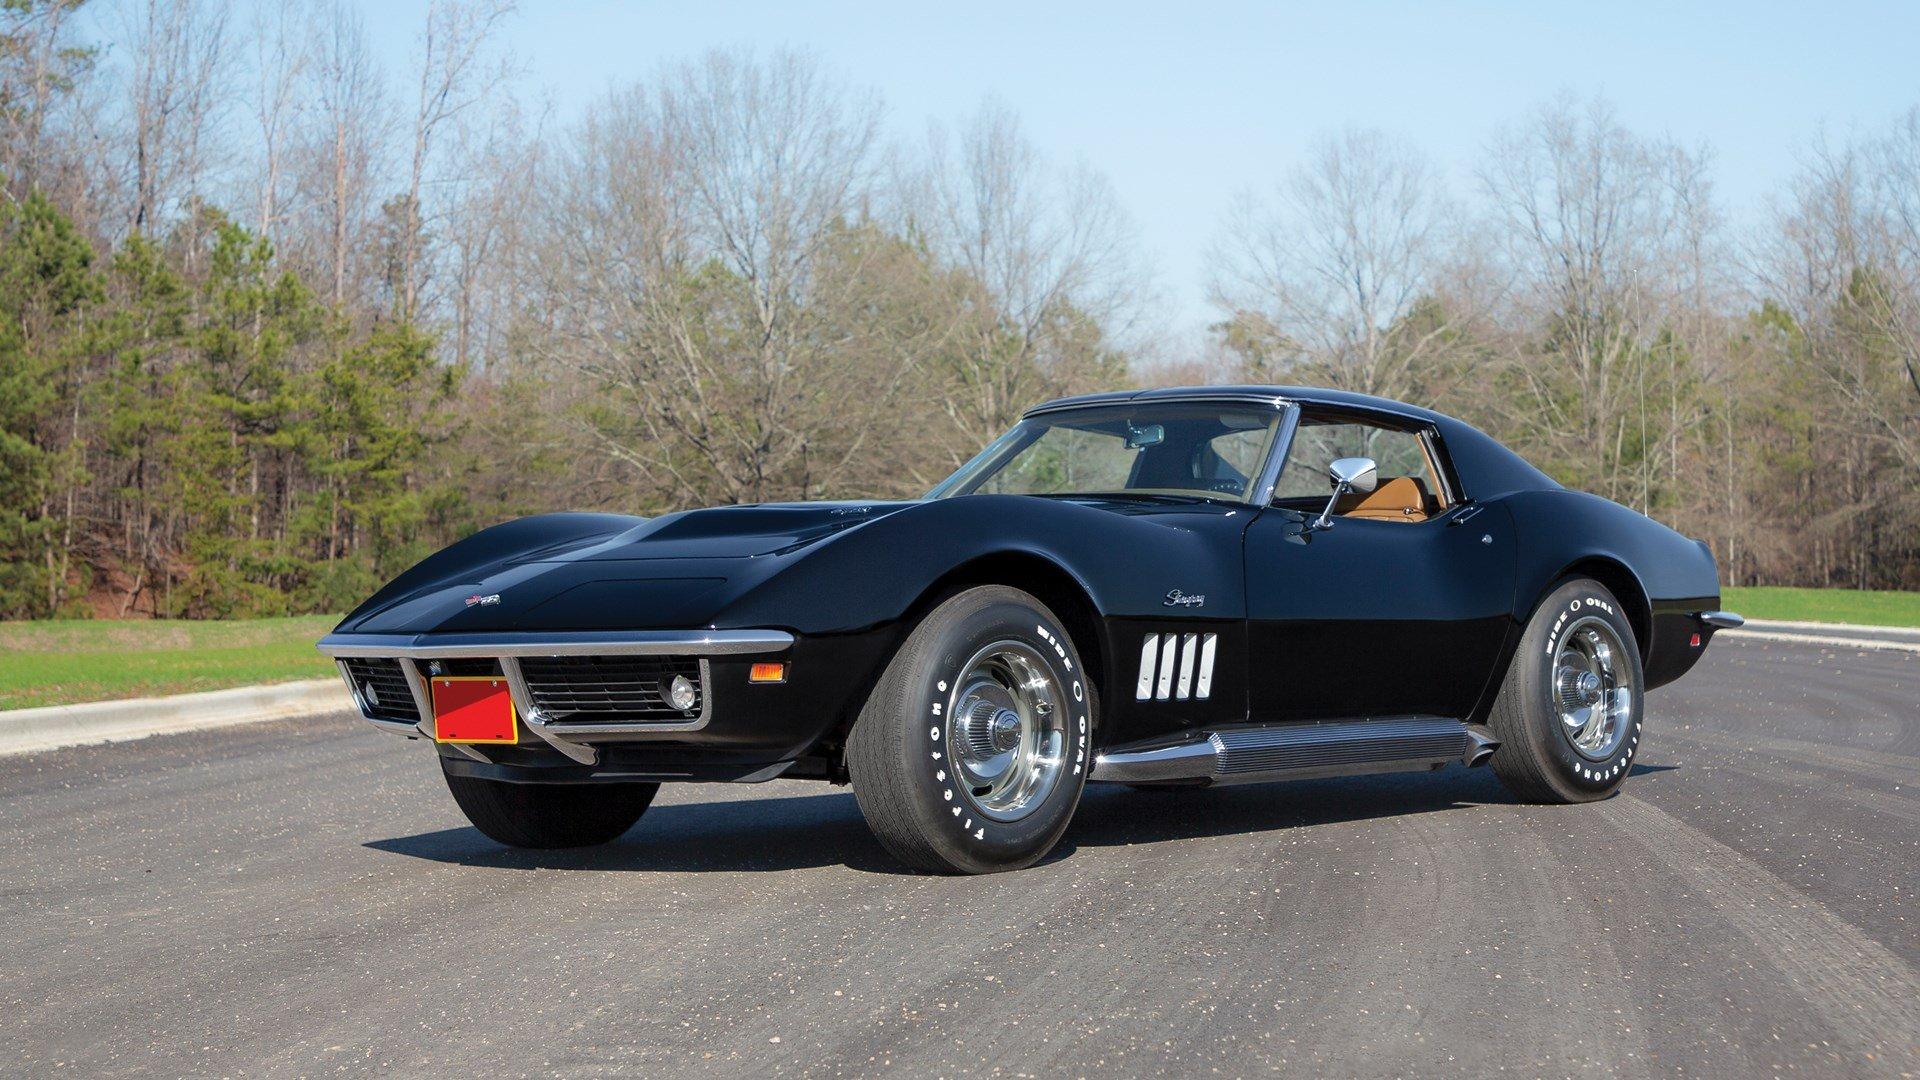 Kelebihan Chevrolet Corvette 1969 Murah Berkualitas